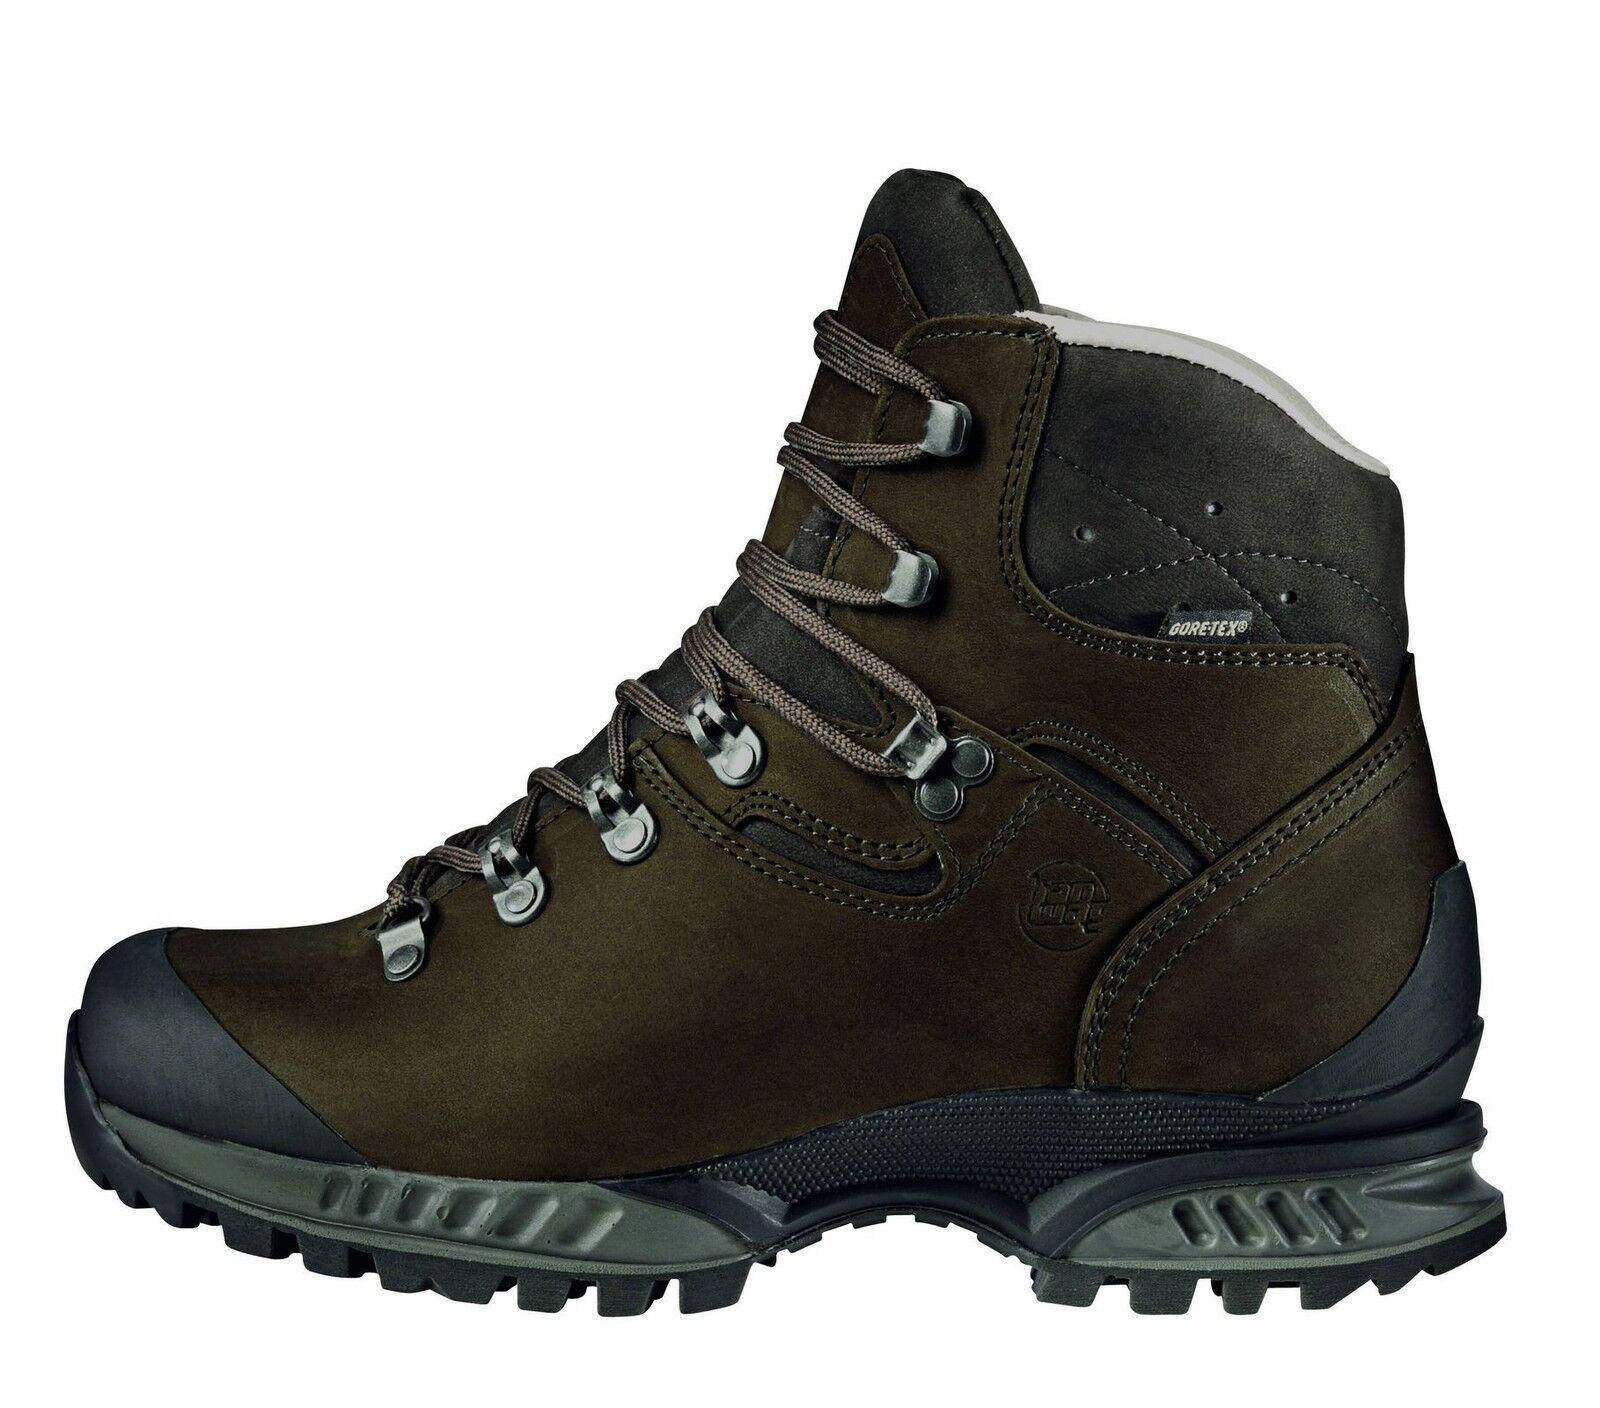 Hanwag Zapatos de Senderismo Tatra Narrow GTX  Tamaño 11,5-46,5 Tierra  estar en gran demanda